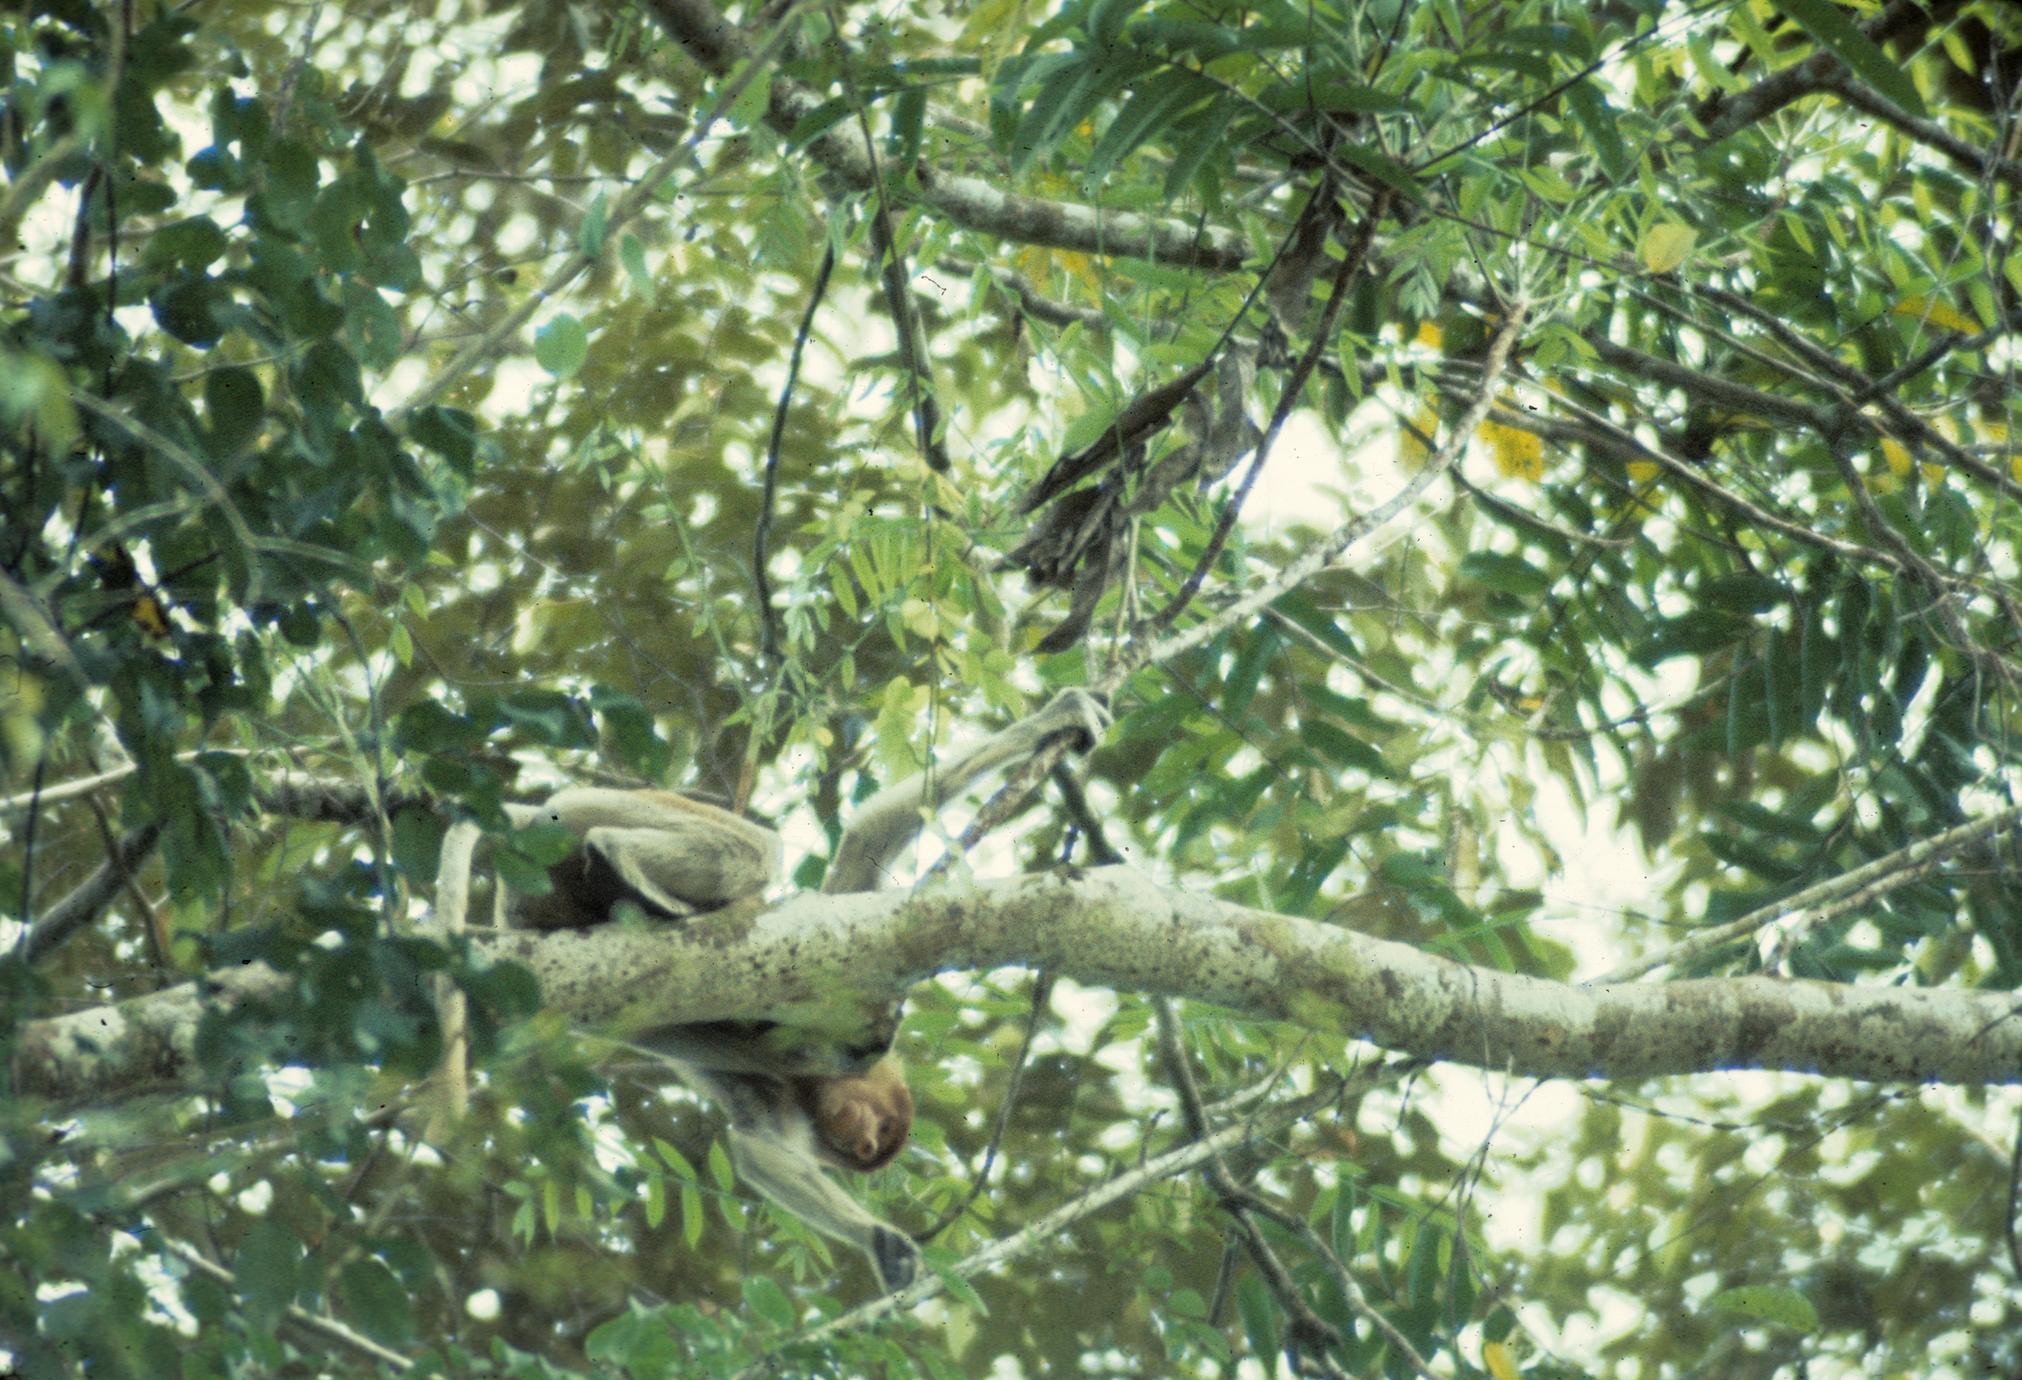 Nasalis larvatus